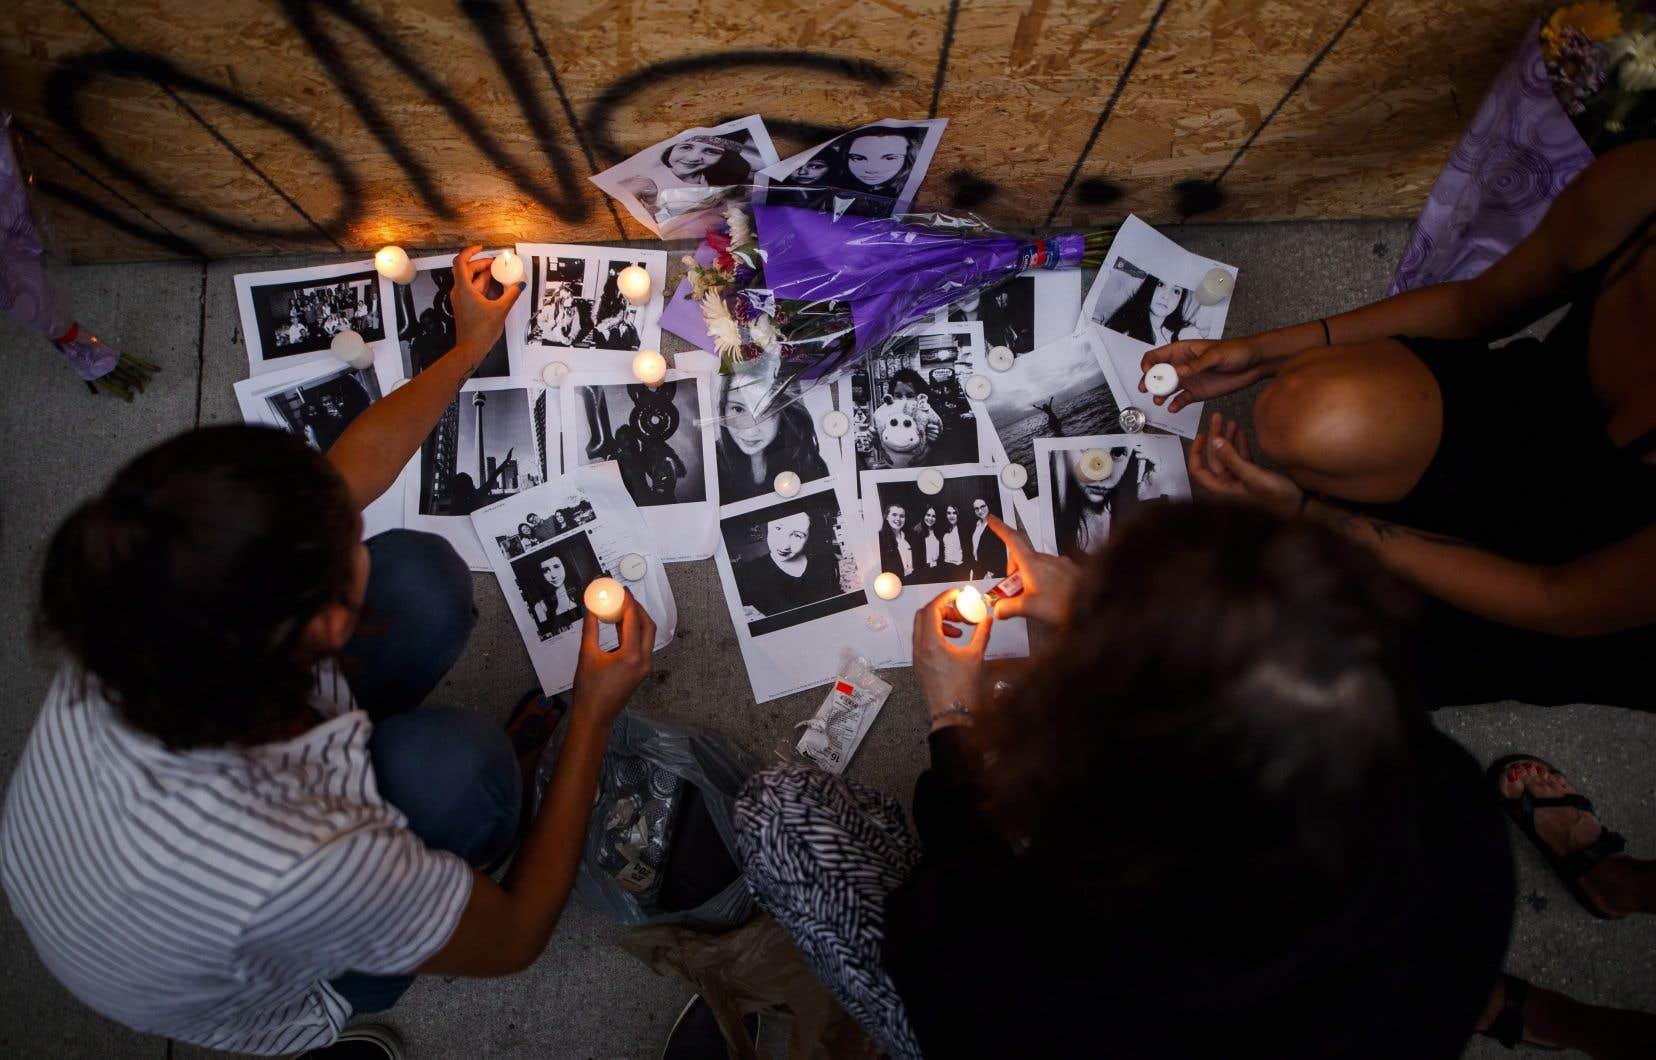 La fusillade a coûté la vie à une femme de 18ans, Reese Fallon, et à une fillette de 10ans dont l'identité n'est pas encore connue; 13 autres personnes ont été blessées.